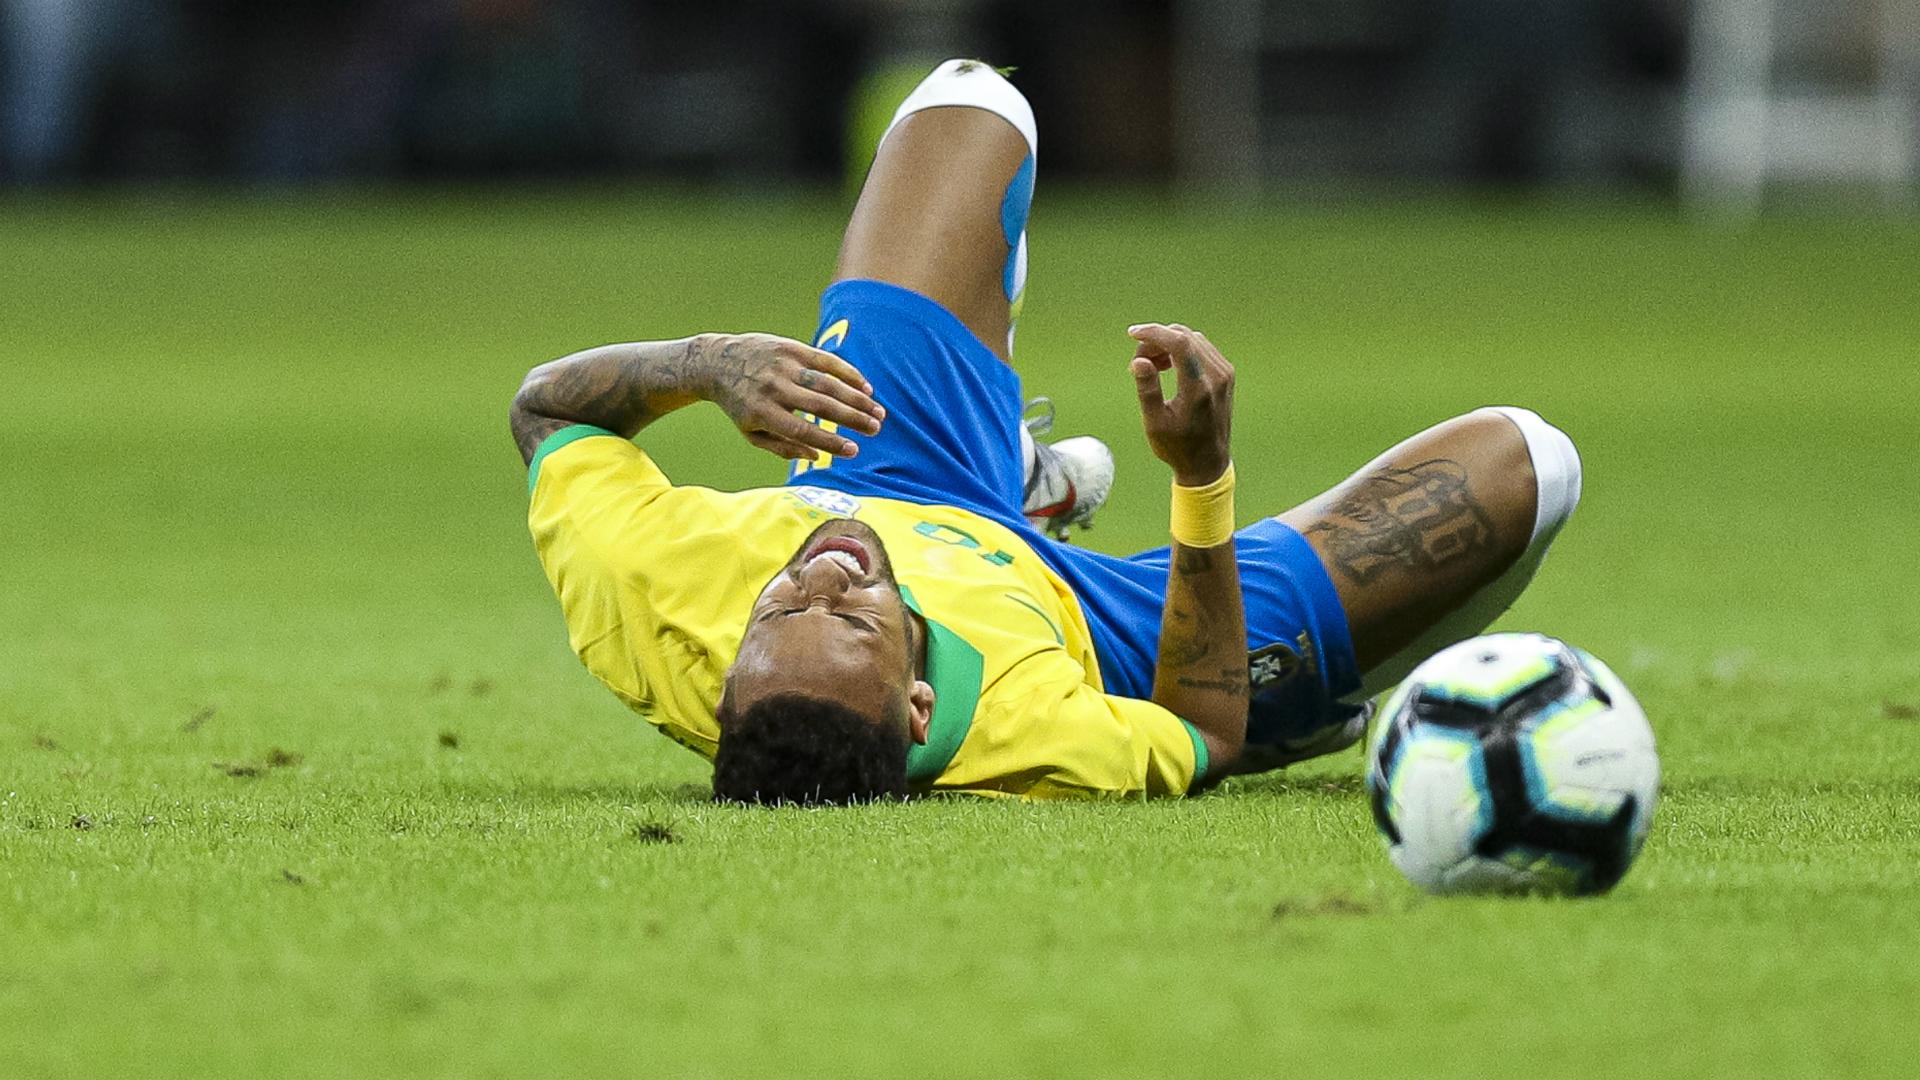 Brazil 2 Qatar 0: Neymar injury overshadows win